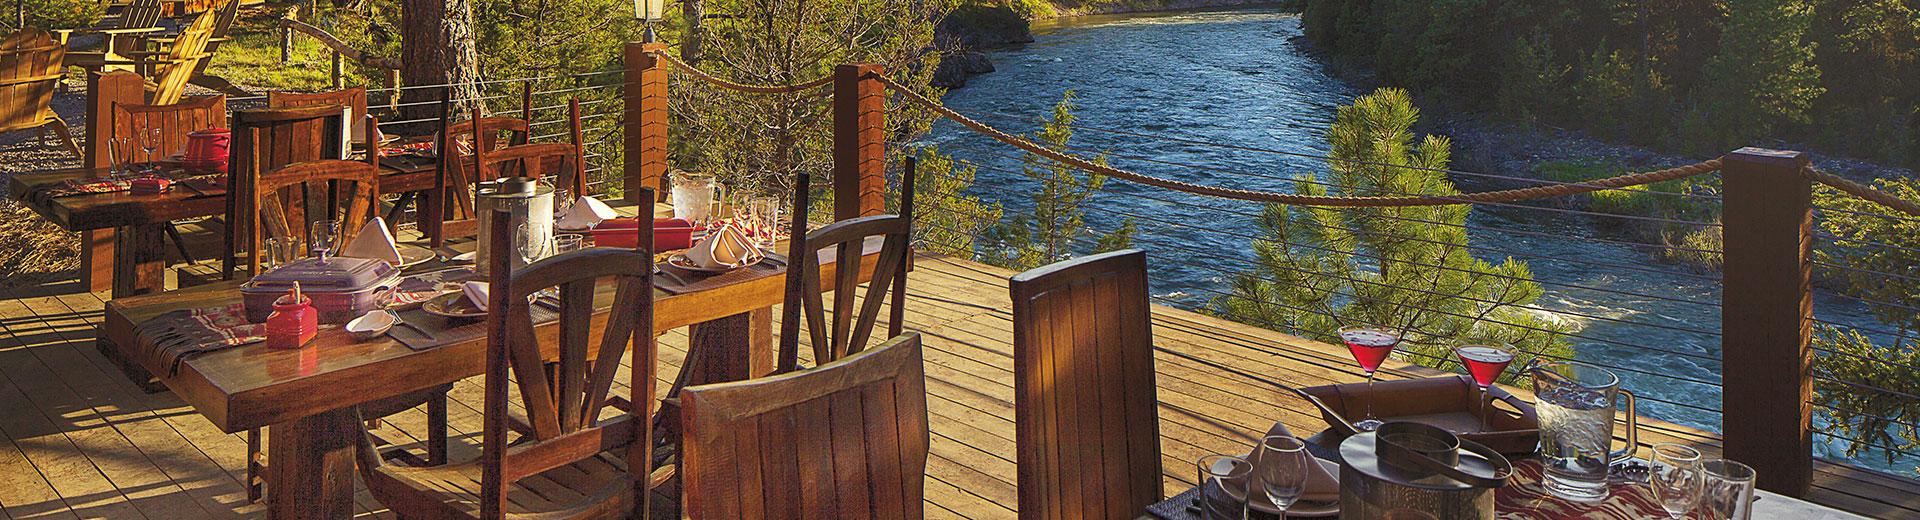 Cliffside Camp Dining Pavilion